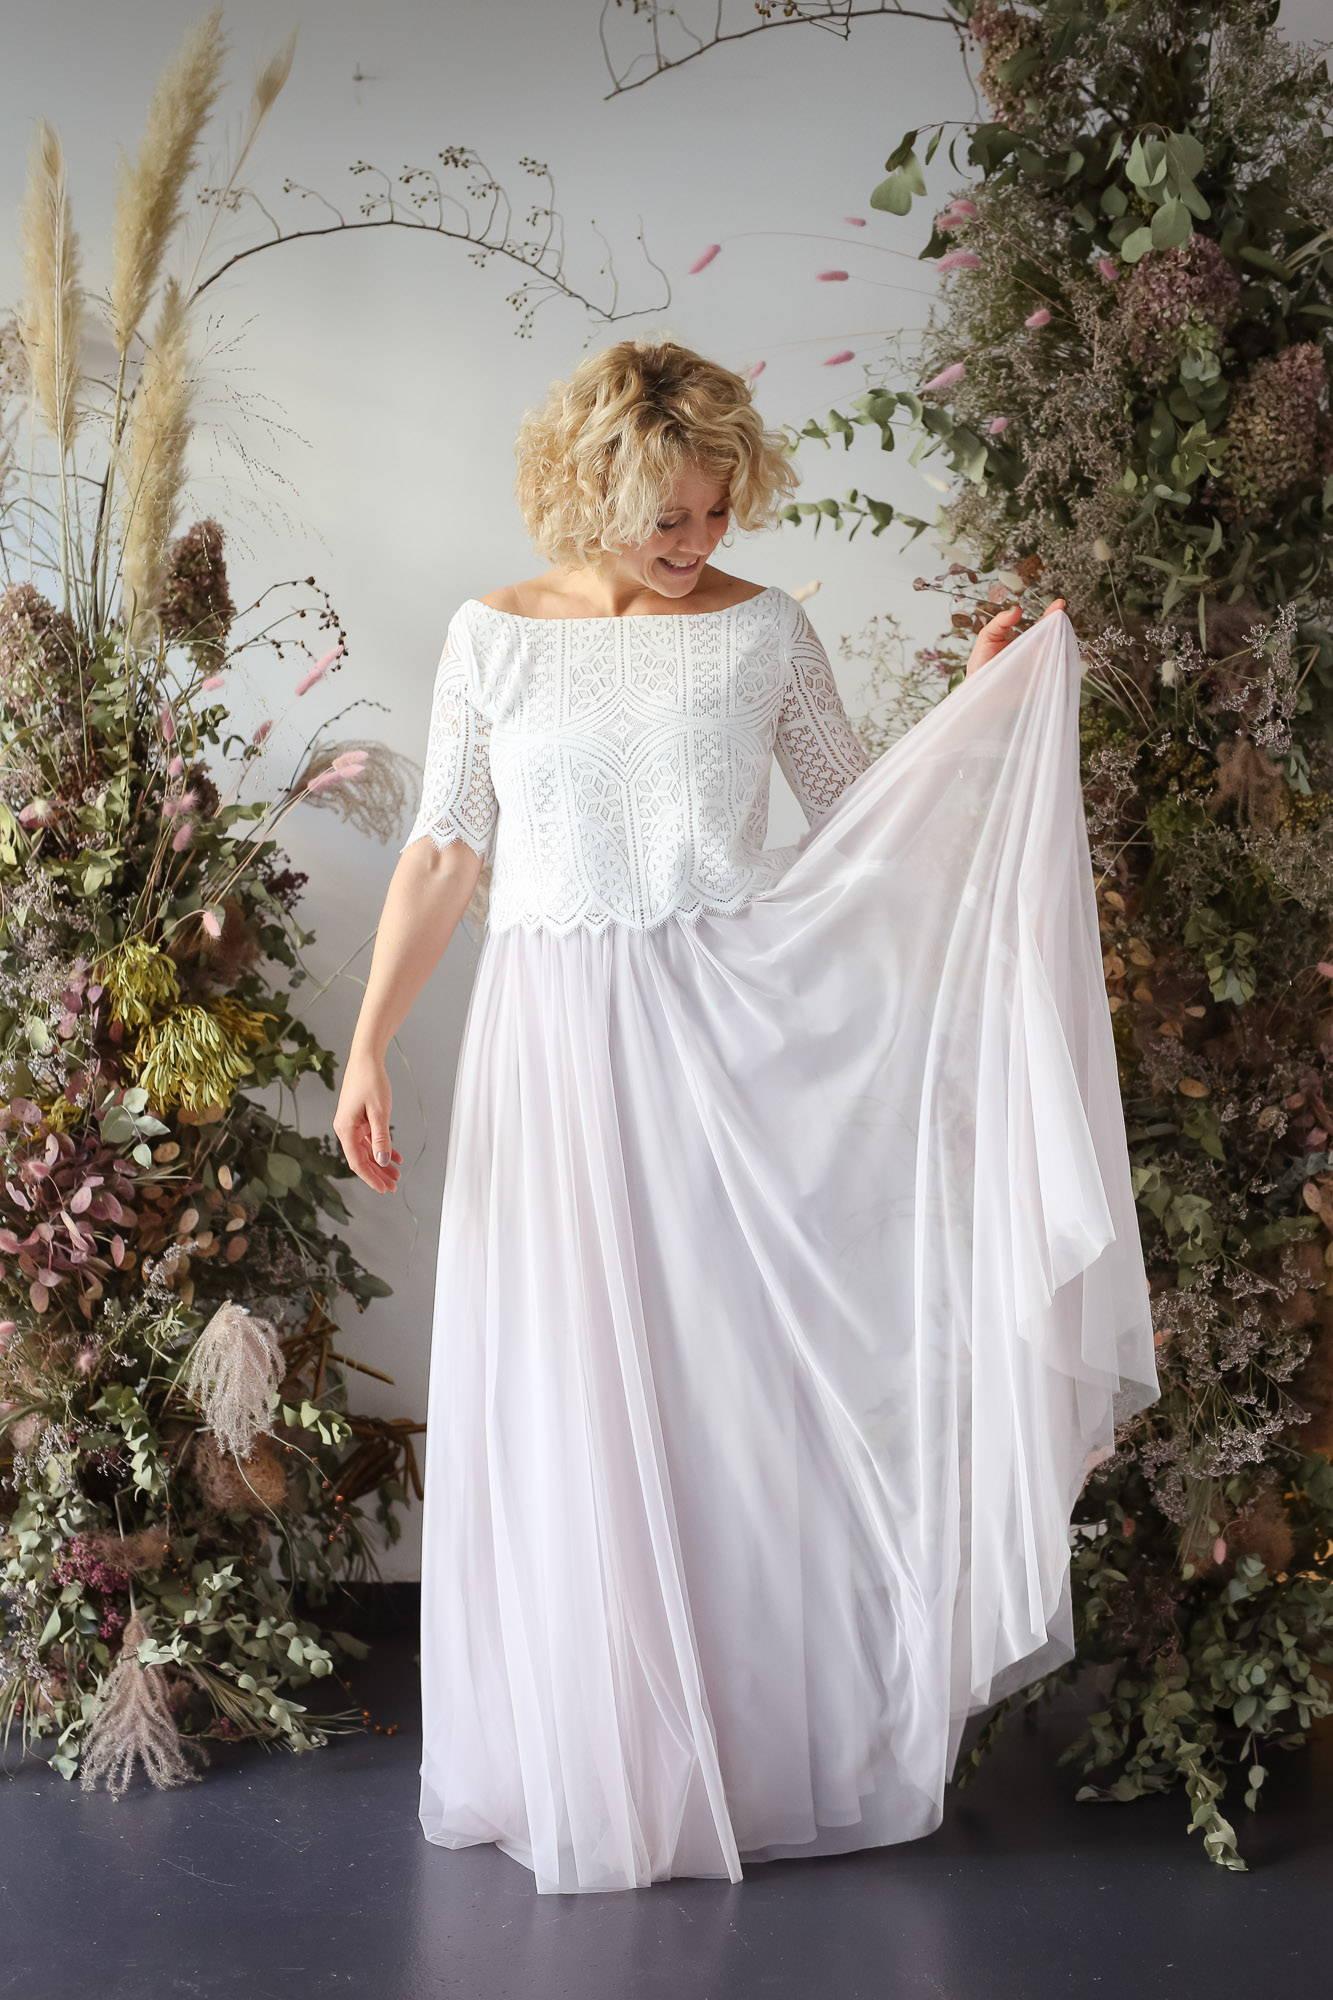 noni Brautkleider, zweiteiliges Boho-Brautkleid mit Spitzentop und langem Tüllrock in Pastellviolett